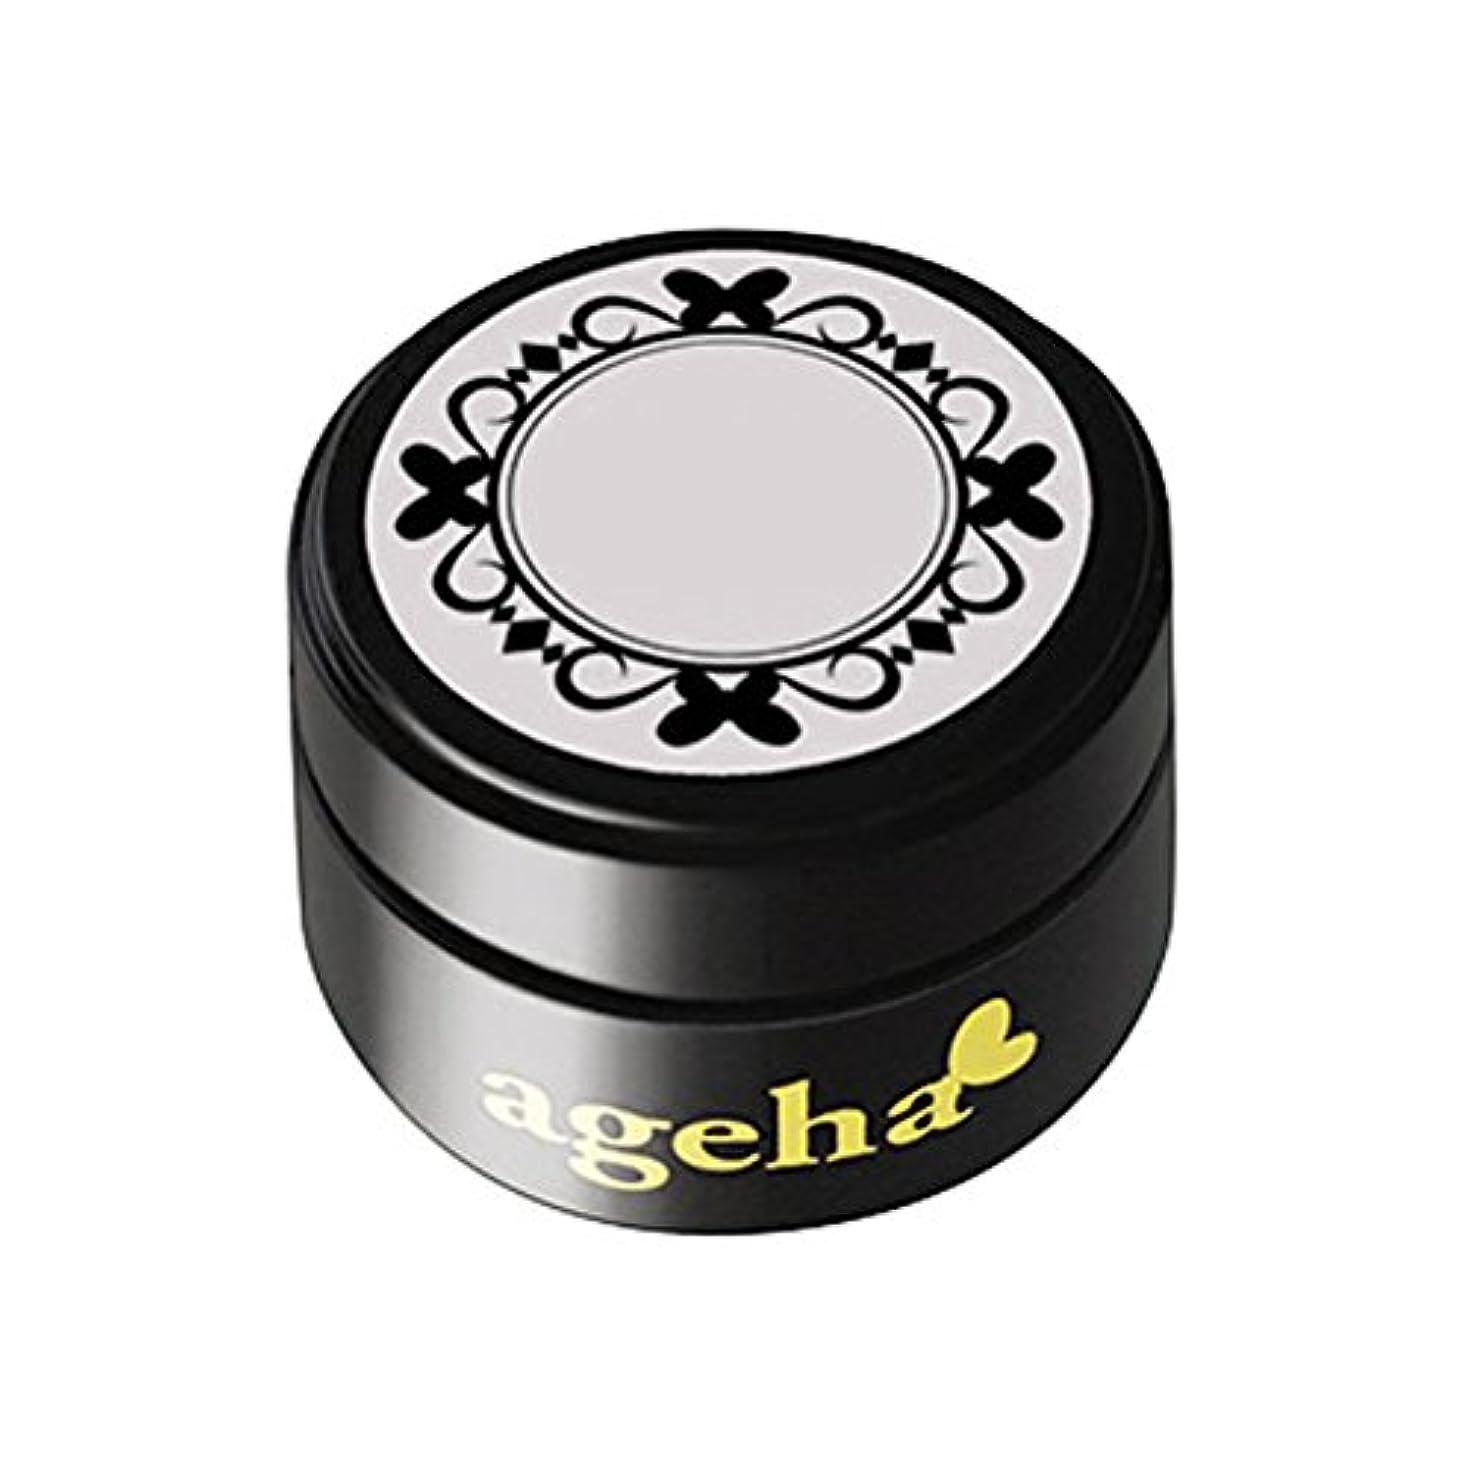 デコードするネックレット肖像画ageha gel カラージェル コスメカラー 212 スプリングタイム 2.7g UV/LED対応